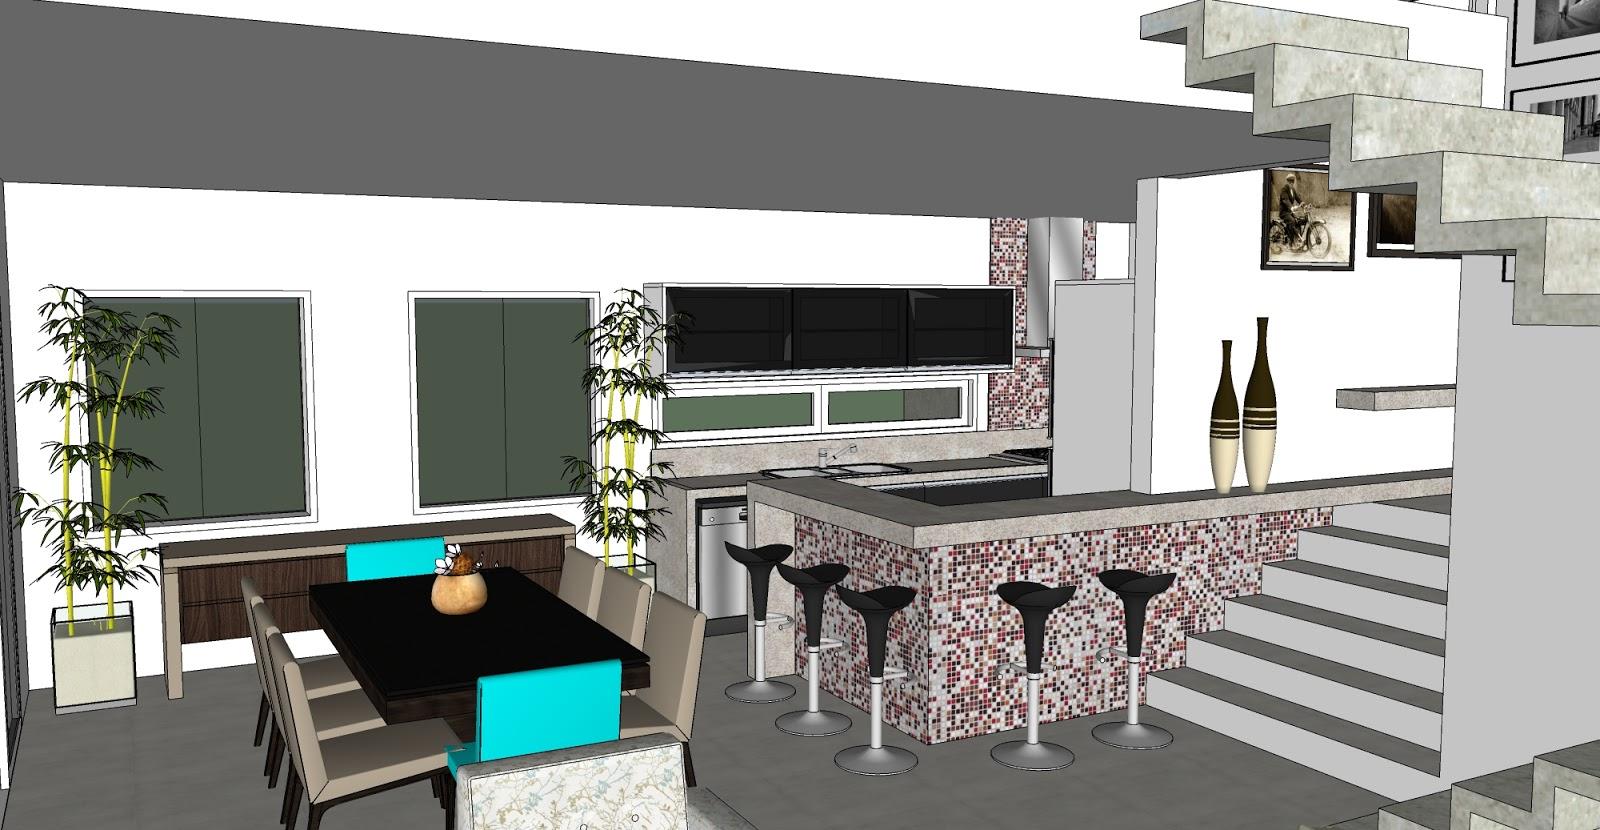 Vista da cozinha integrada com sala de Jantar no lugar das pastilhas  #00C8CB 1600 830